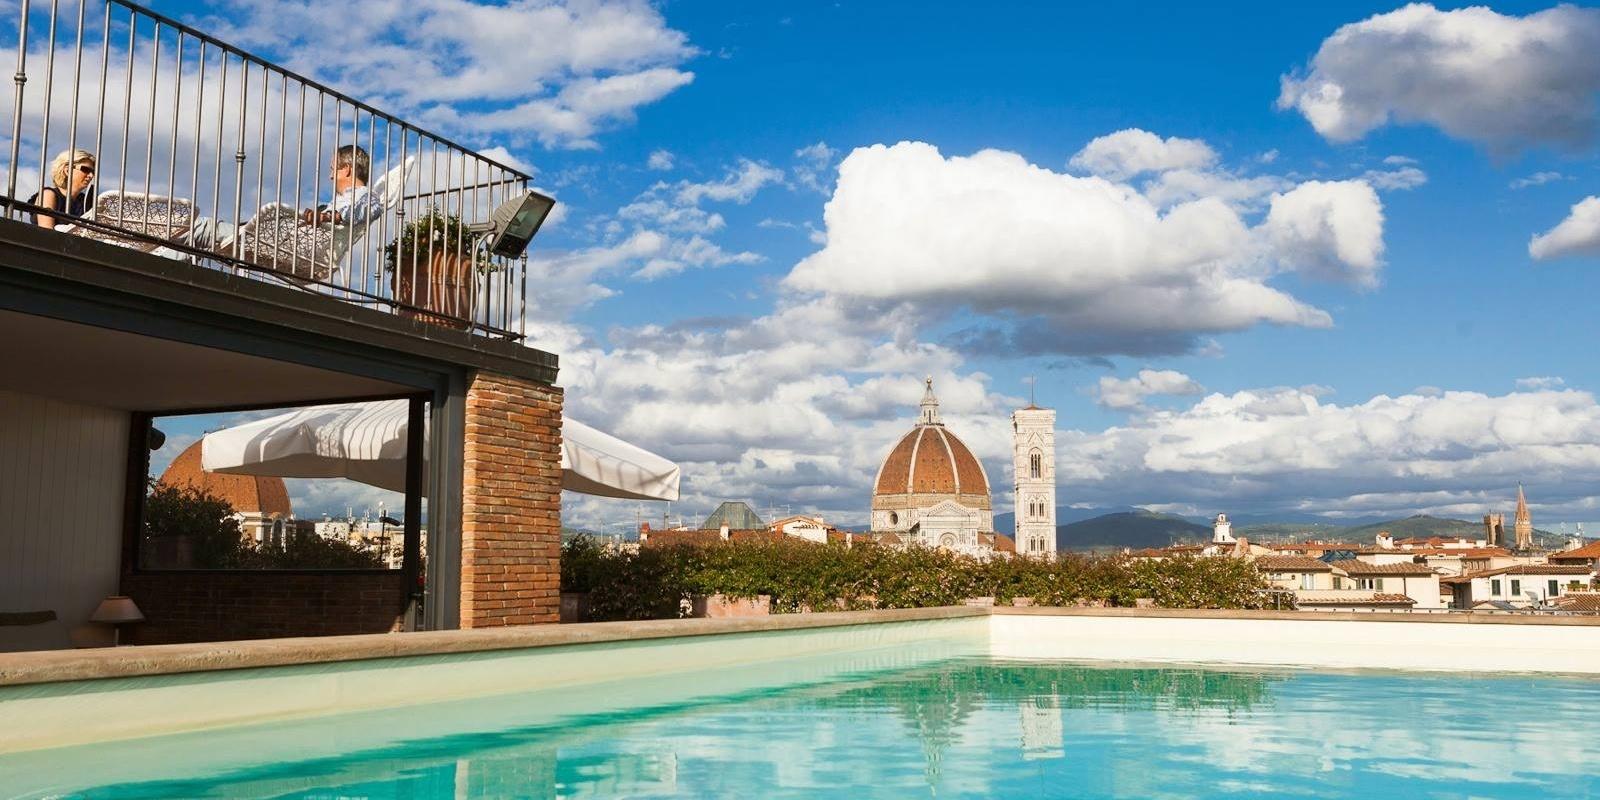 Le più belle terrazze di Firenze per un aperitivo con vista panoramica